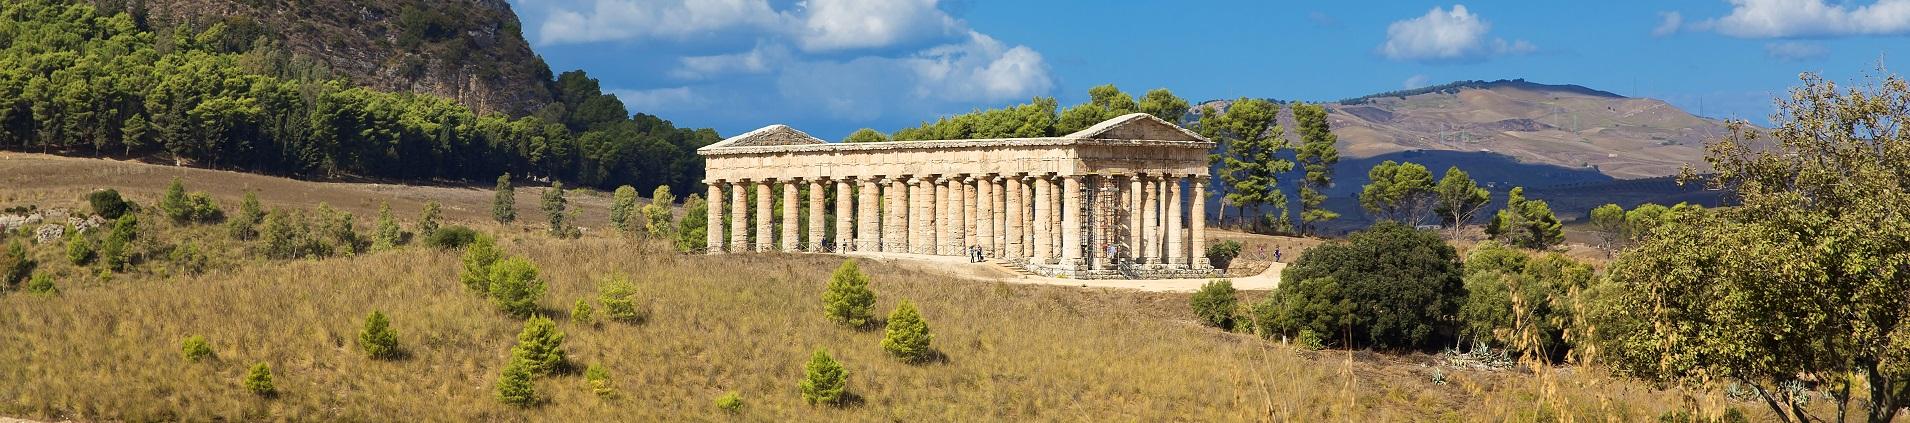 Ville e case vacanze in Sicilia vicino Segesta